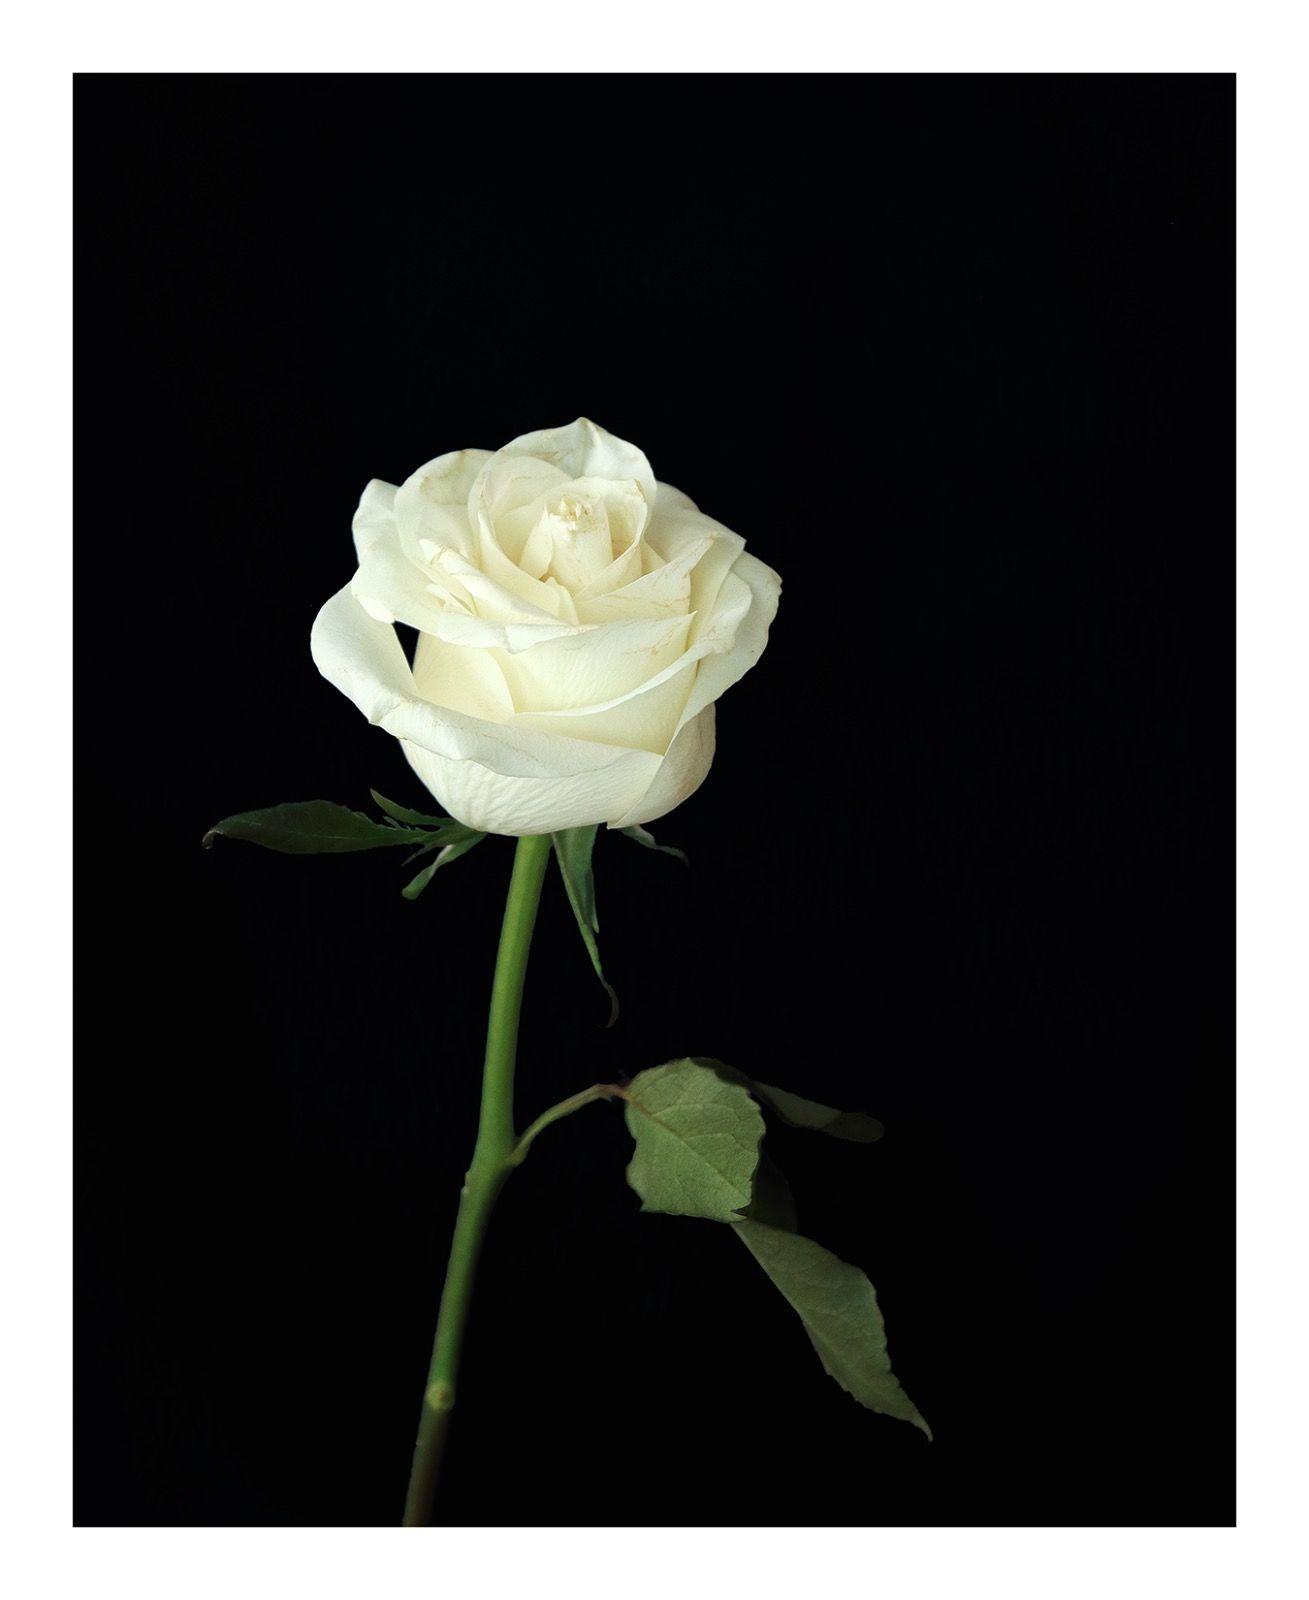 Going Over: White Rose